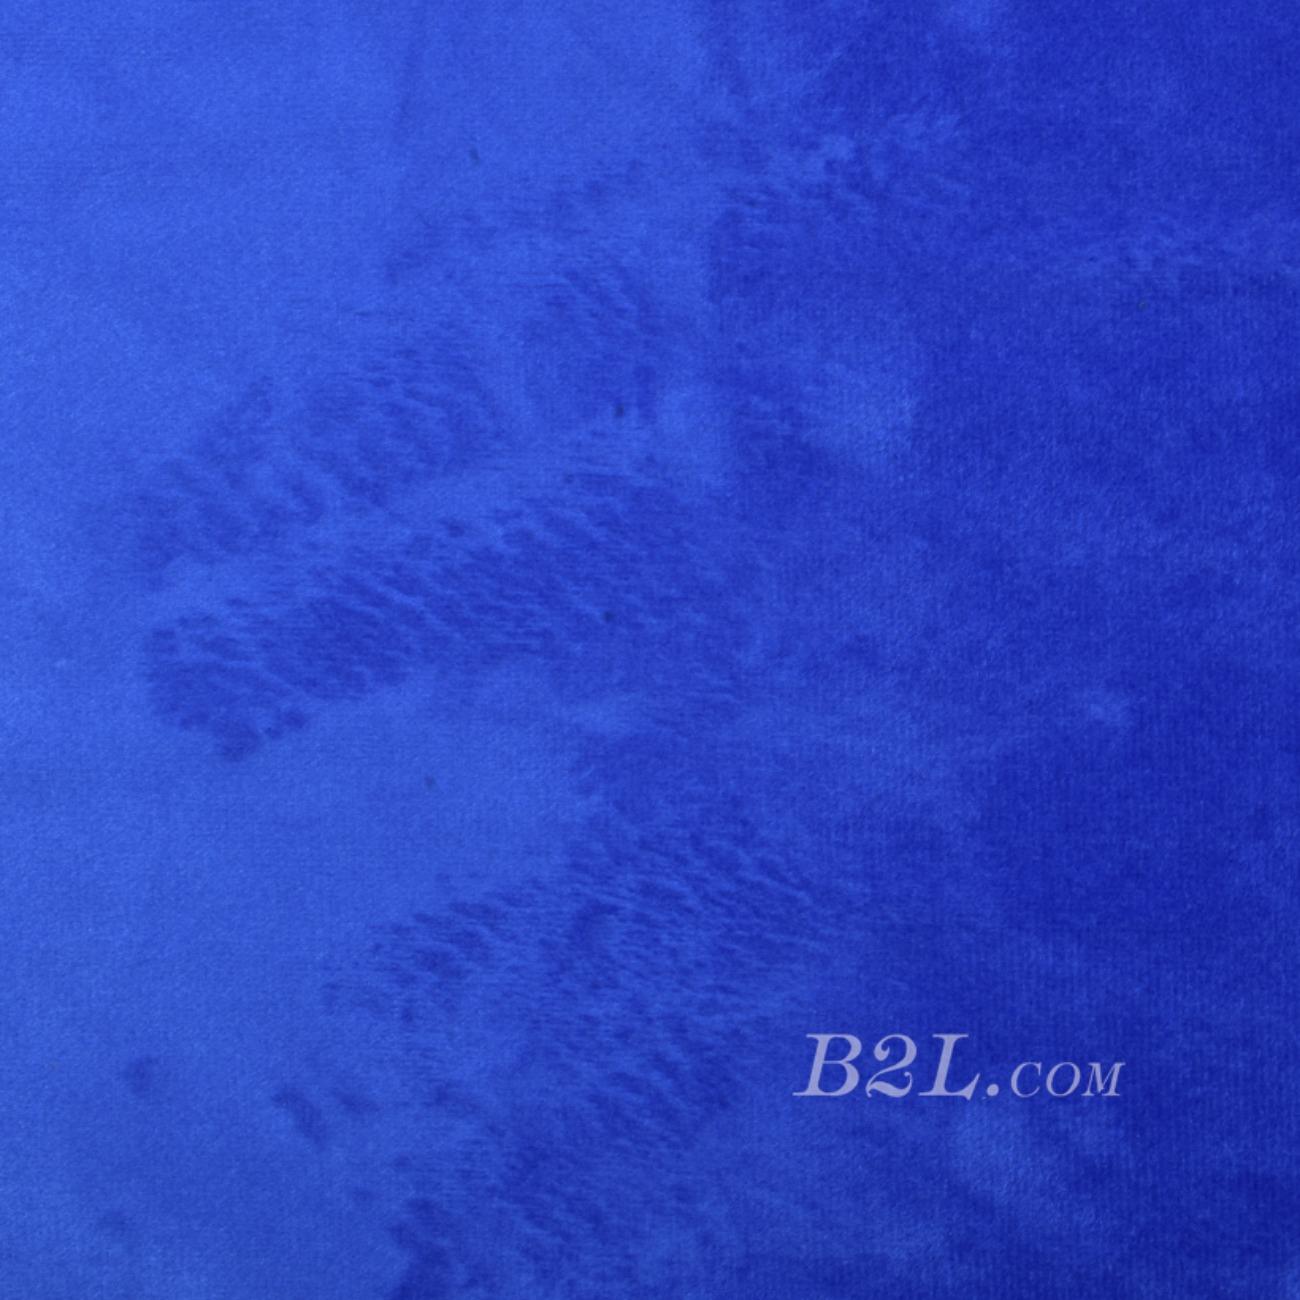 针织染色丝绒面料-秋冬裤装外套面料91106-12